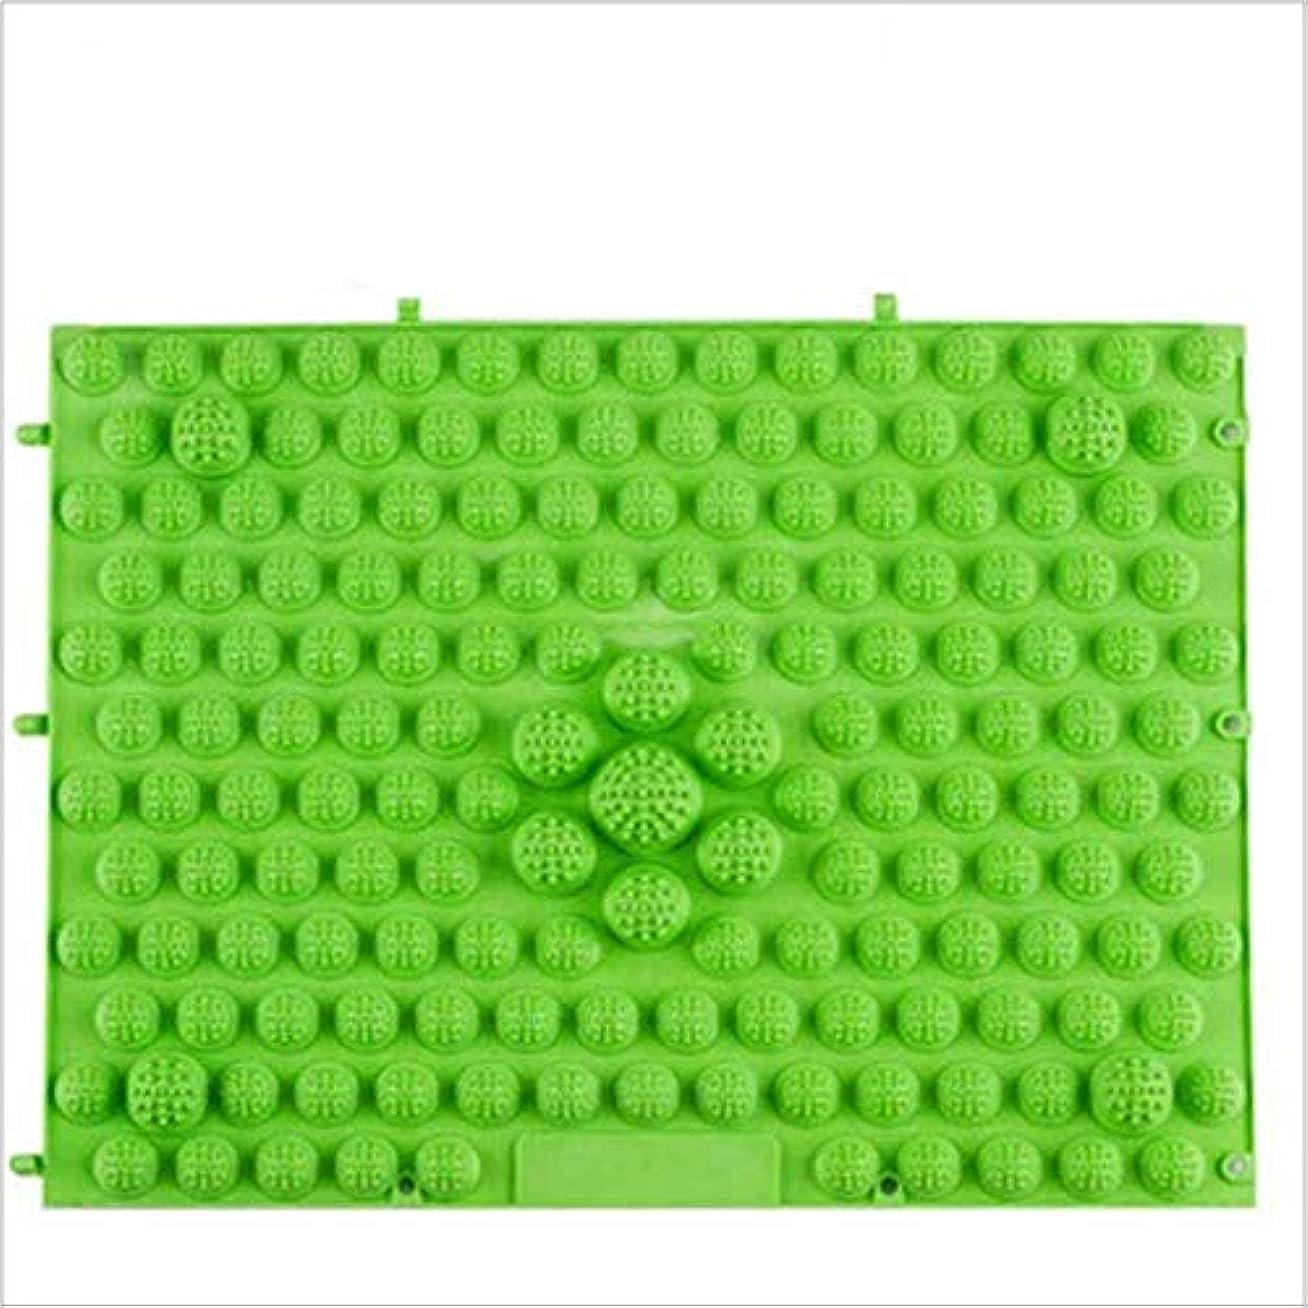 捨てる忌み嫌う膜ウォークマット 裏板セット(ABS樹脂製補強板付き) (グリーン)